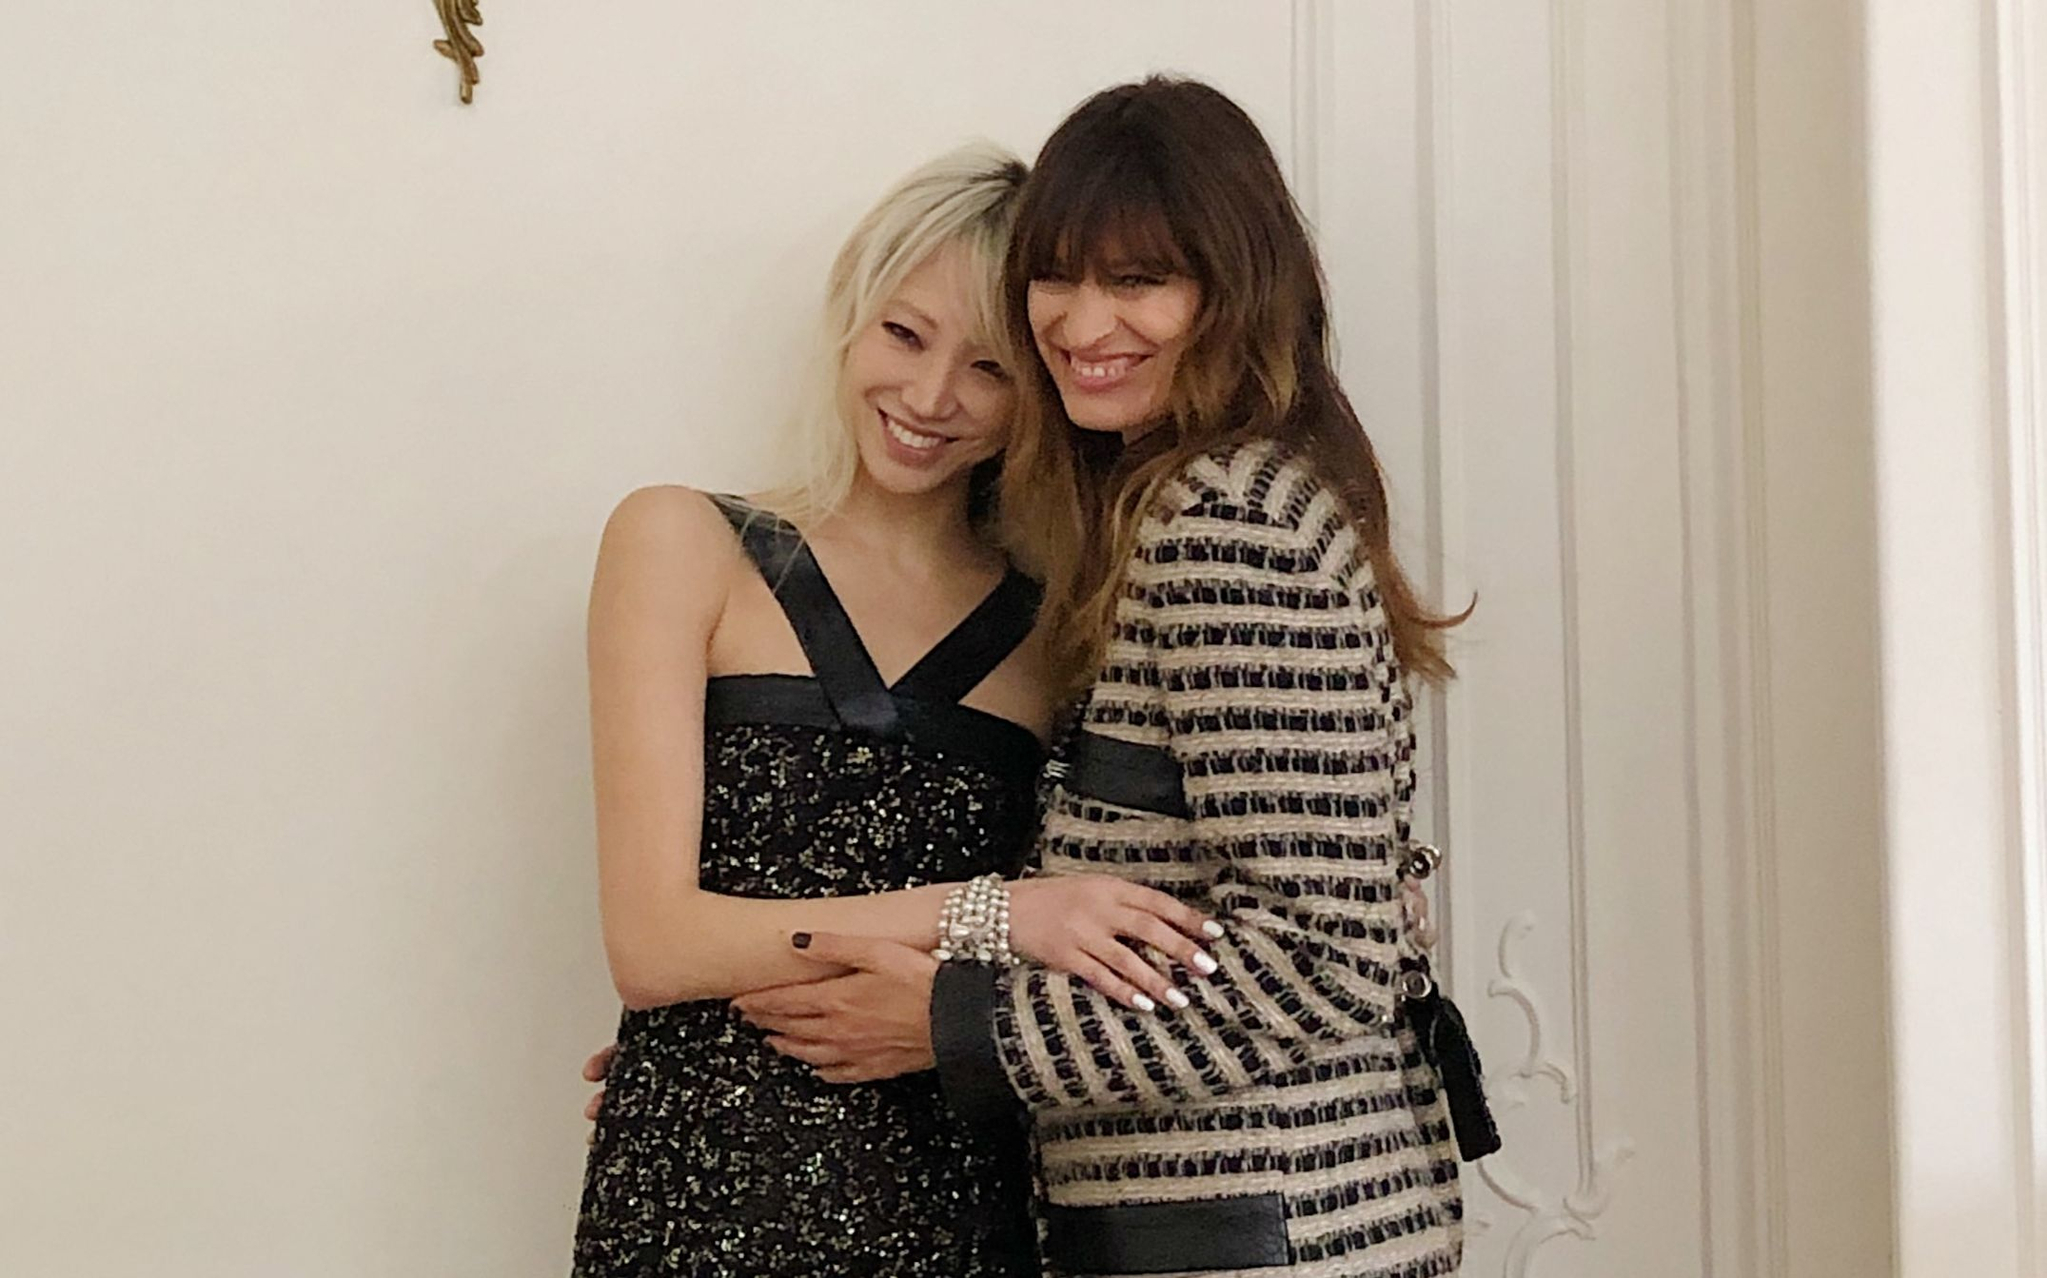 샤넬 디자이너 칼 라거펠트의 사랑을 받았던 톱 모델 수주 & 캐롤린 드 메그레. '엘르'가 초대한 젠가 토크에서 스타일에 관한 꿀팁을 털어놓았다.